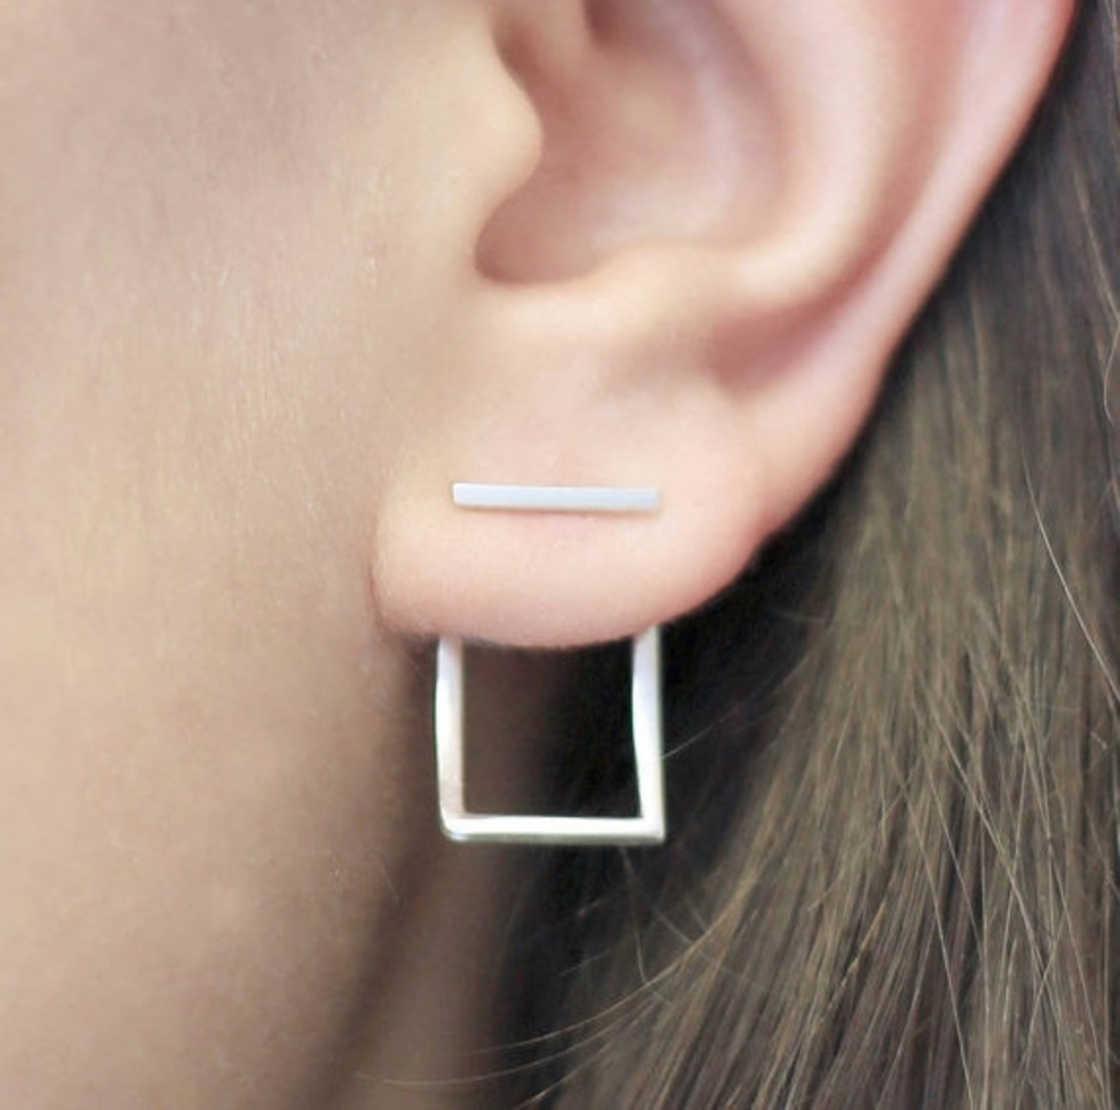 Illusion Earrings - The innovative earrings of designer Otis Jaxon